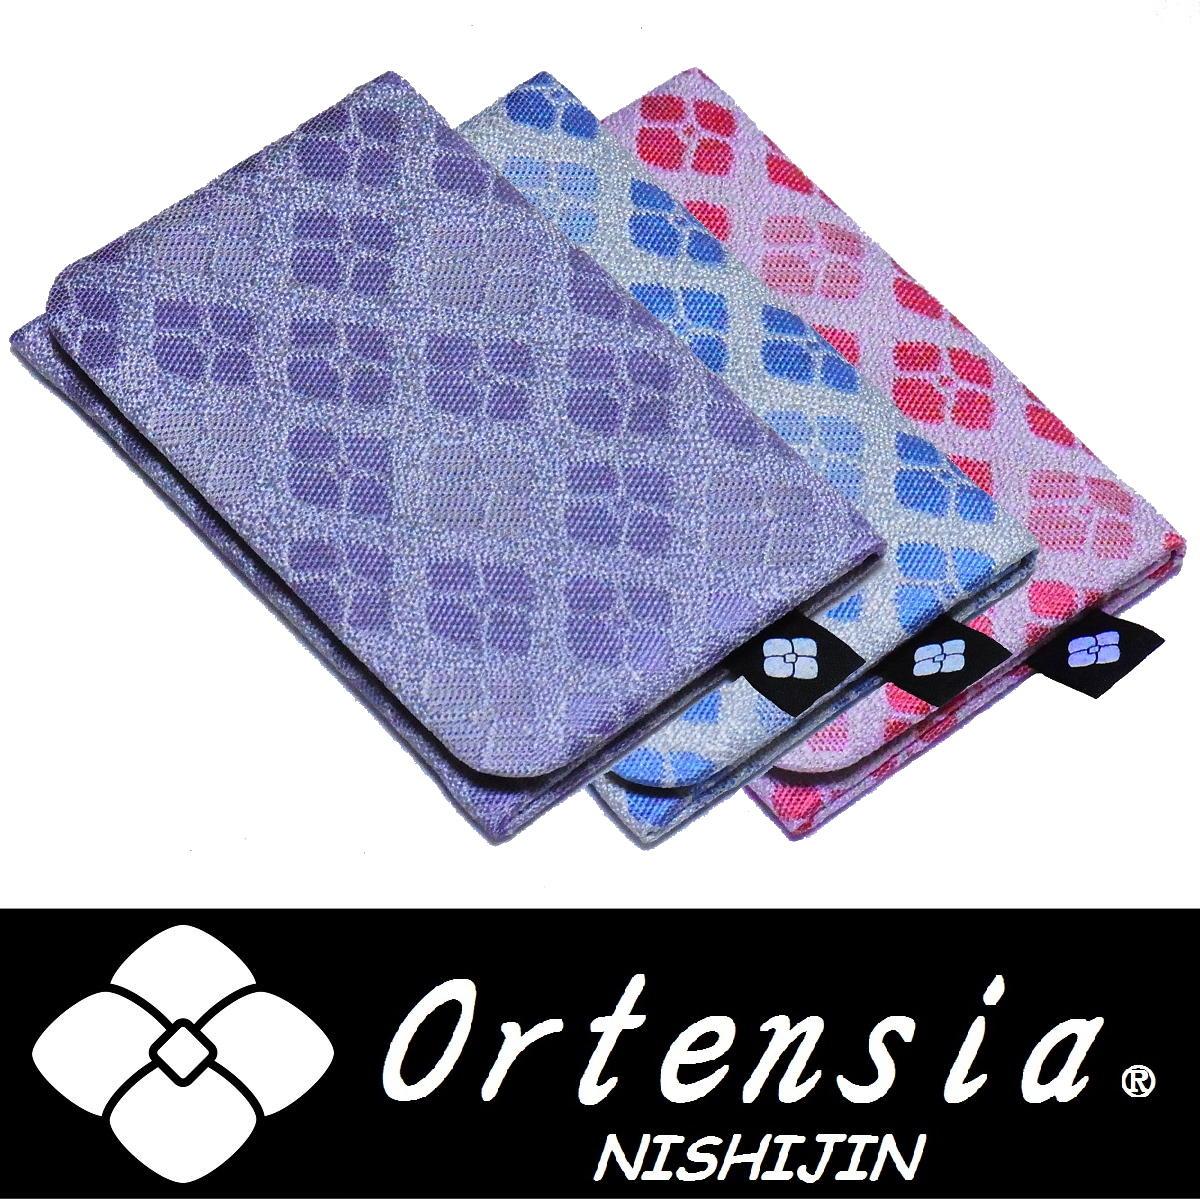 Ortensia